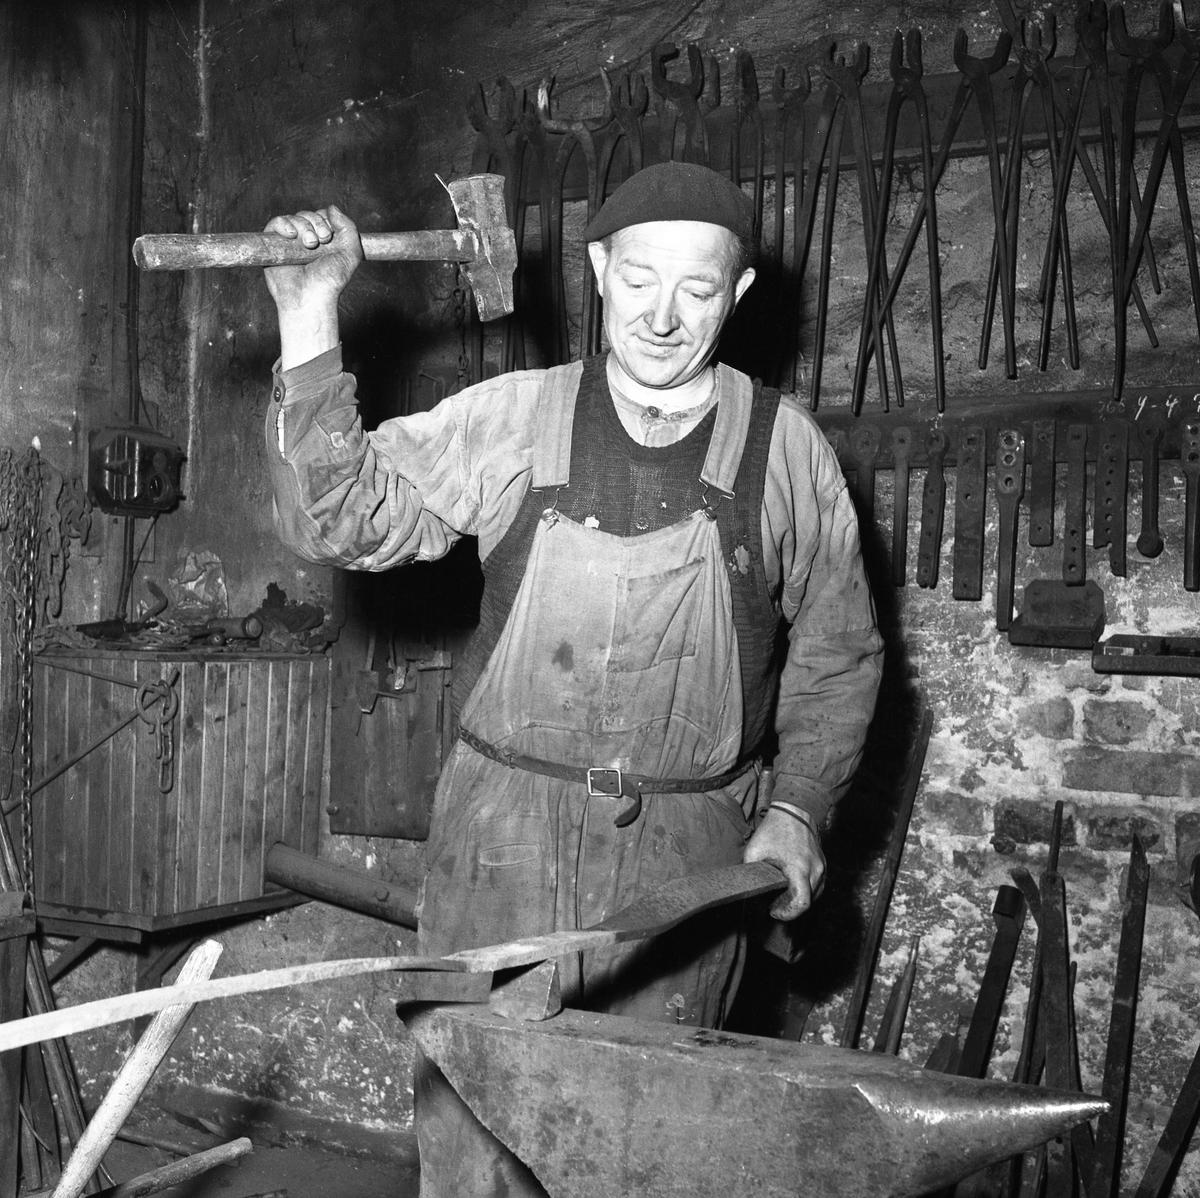 Albin Zander, smed på Jäders Bruk. Man klädd i basker och förkläde. Han håller ett verktyg i handen. På väggen hänger tänger och andra verktyg. Han befinner sig i smedjan. Bilden togs till en artikel i Arboga Tidning gällande kommunsammanläggningen.